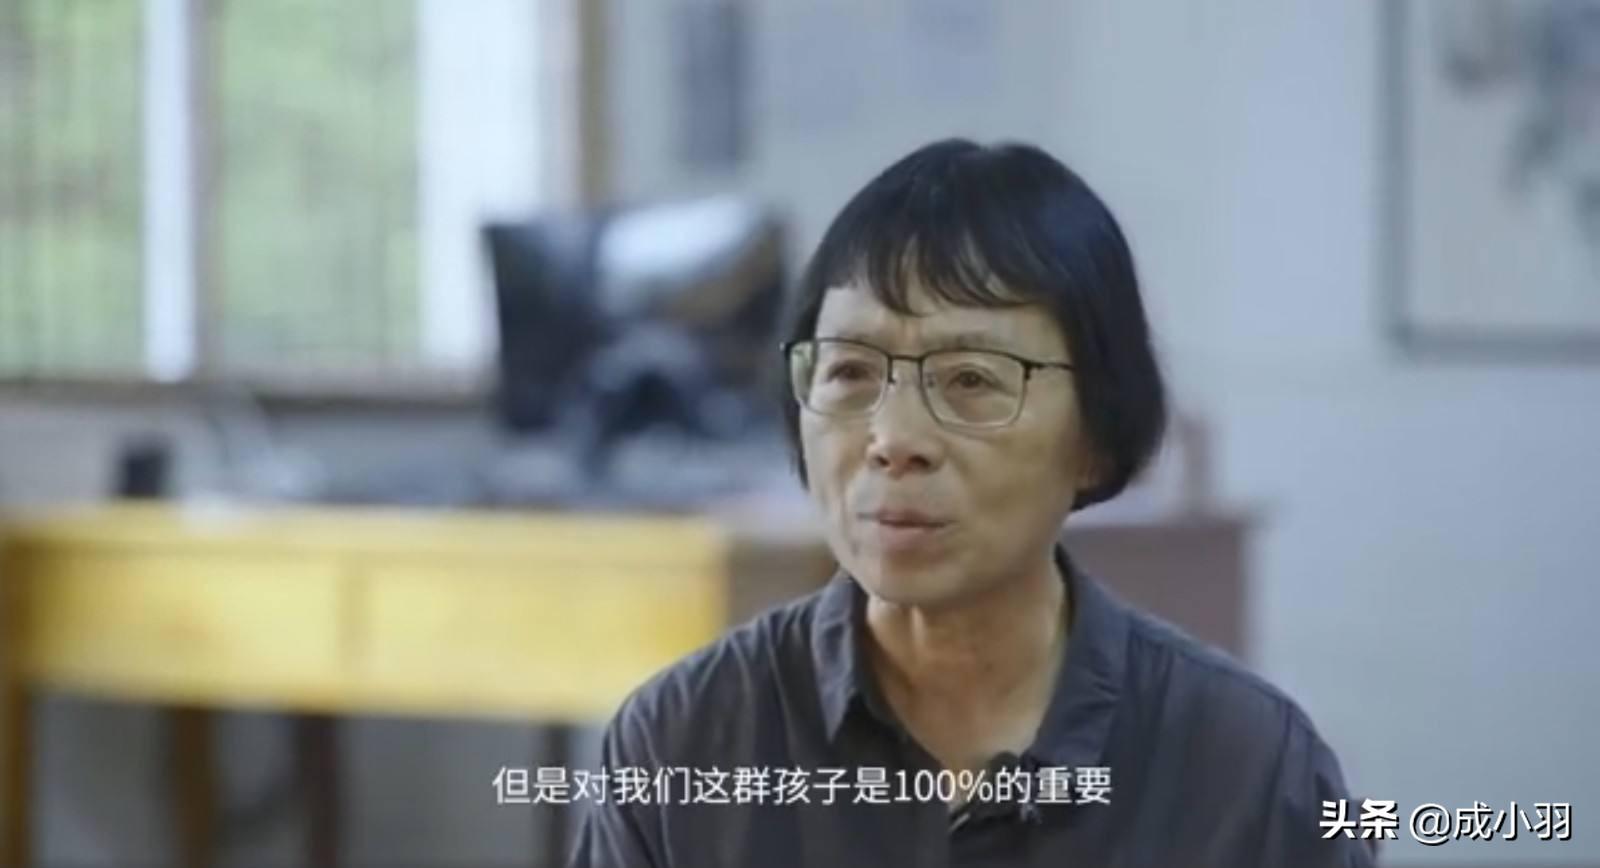 做全职太太的女大学生,捧着钱来校捐款,张桂梅校长怒怼:滚出去